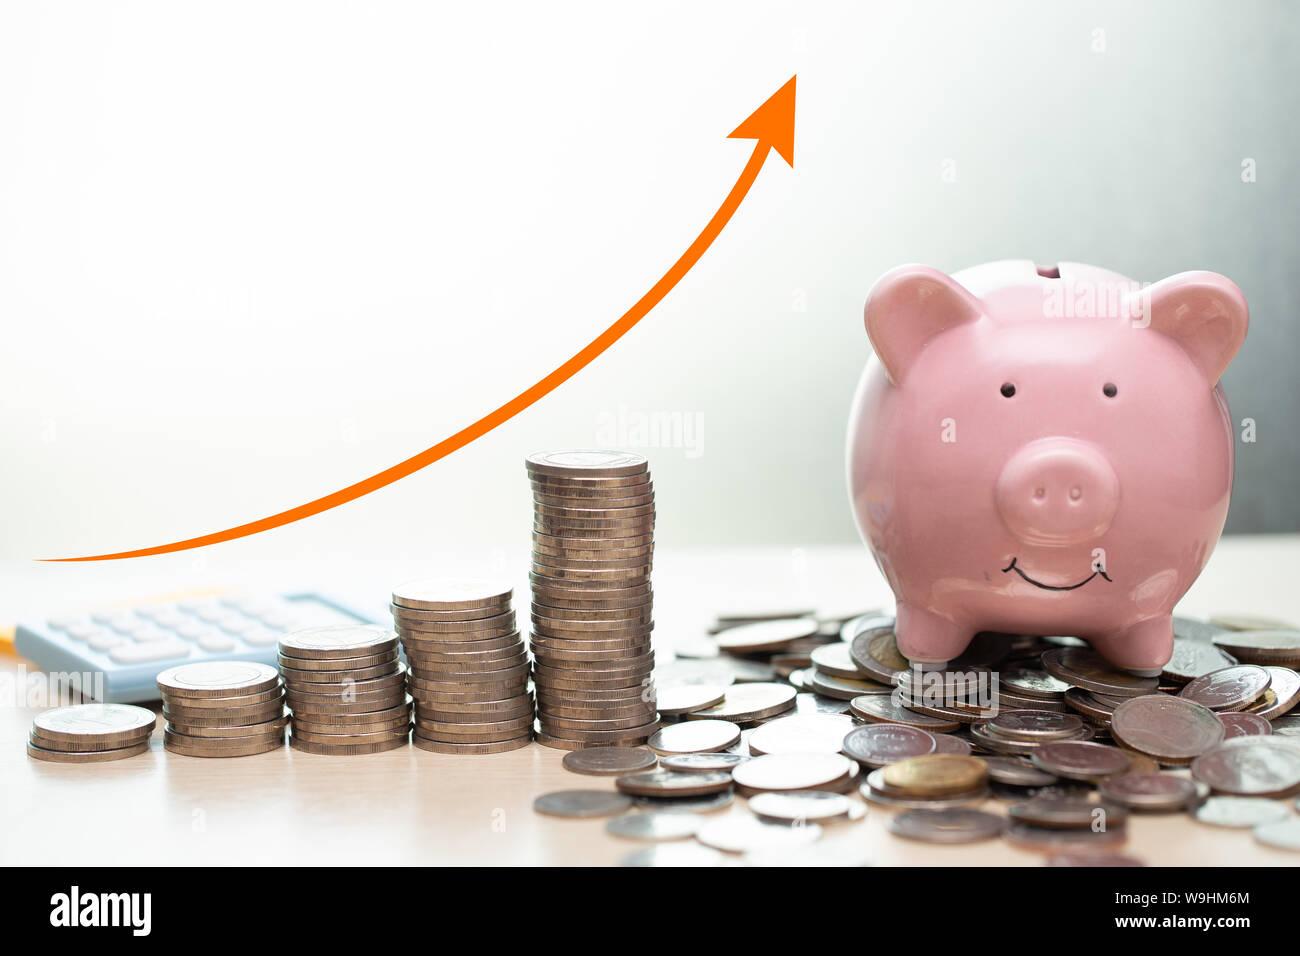 Ahorro de dinero concepto.business ricos ingresos muestran como pila dinero coin creciente con flecha hucha sonrisa con monedas montón. Foto de stock